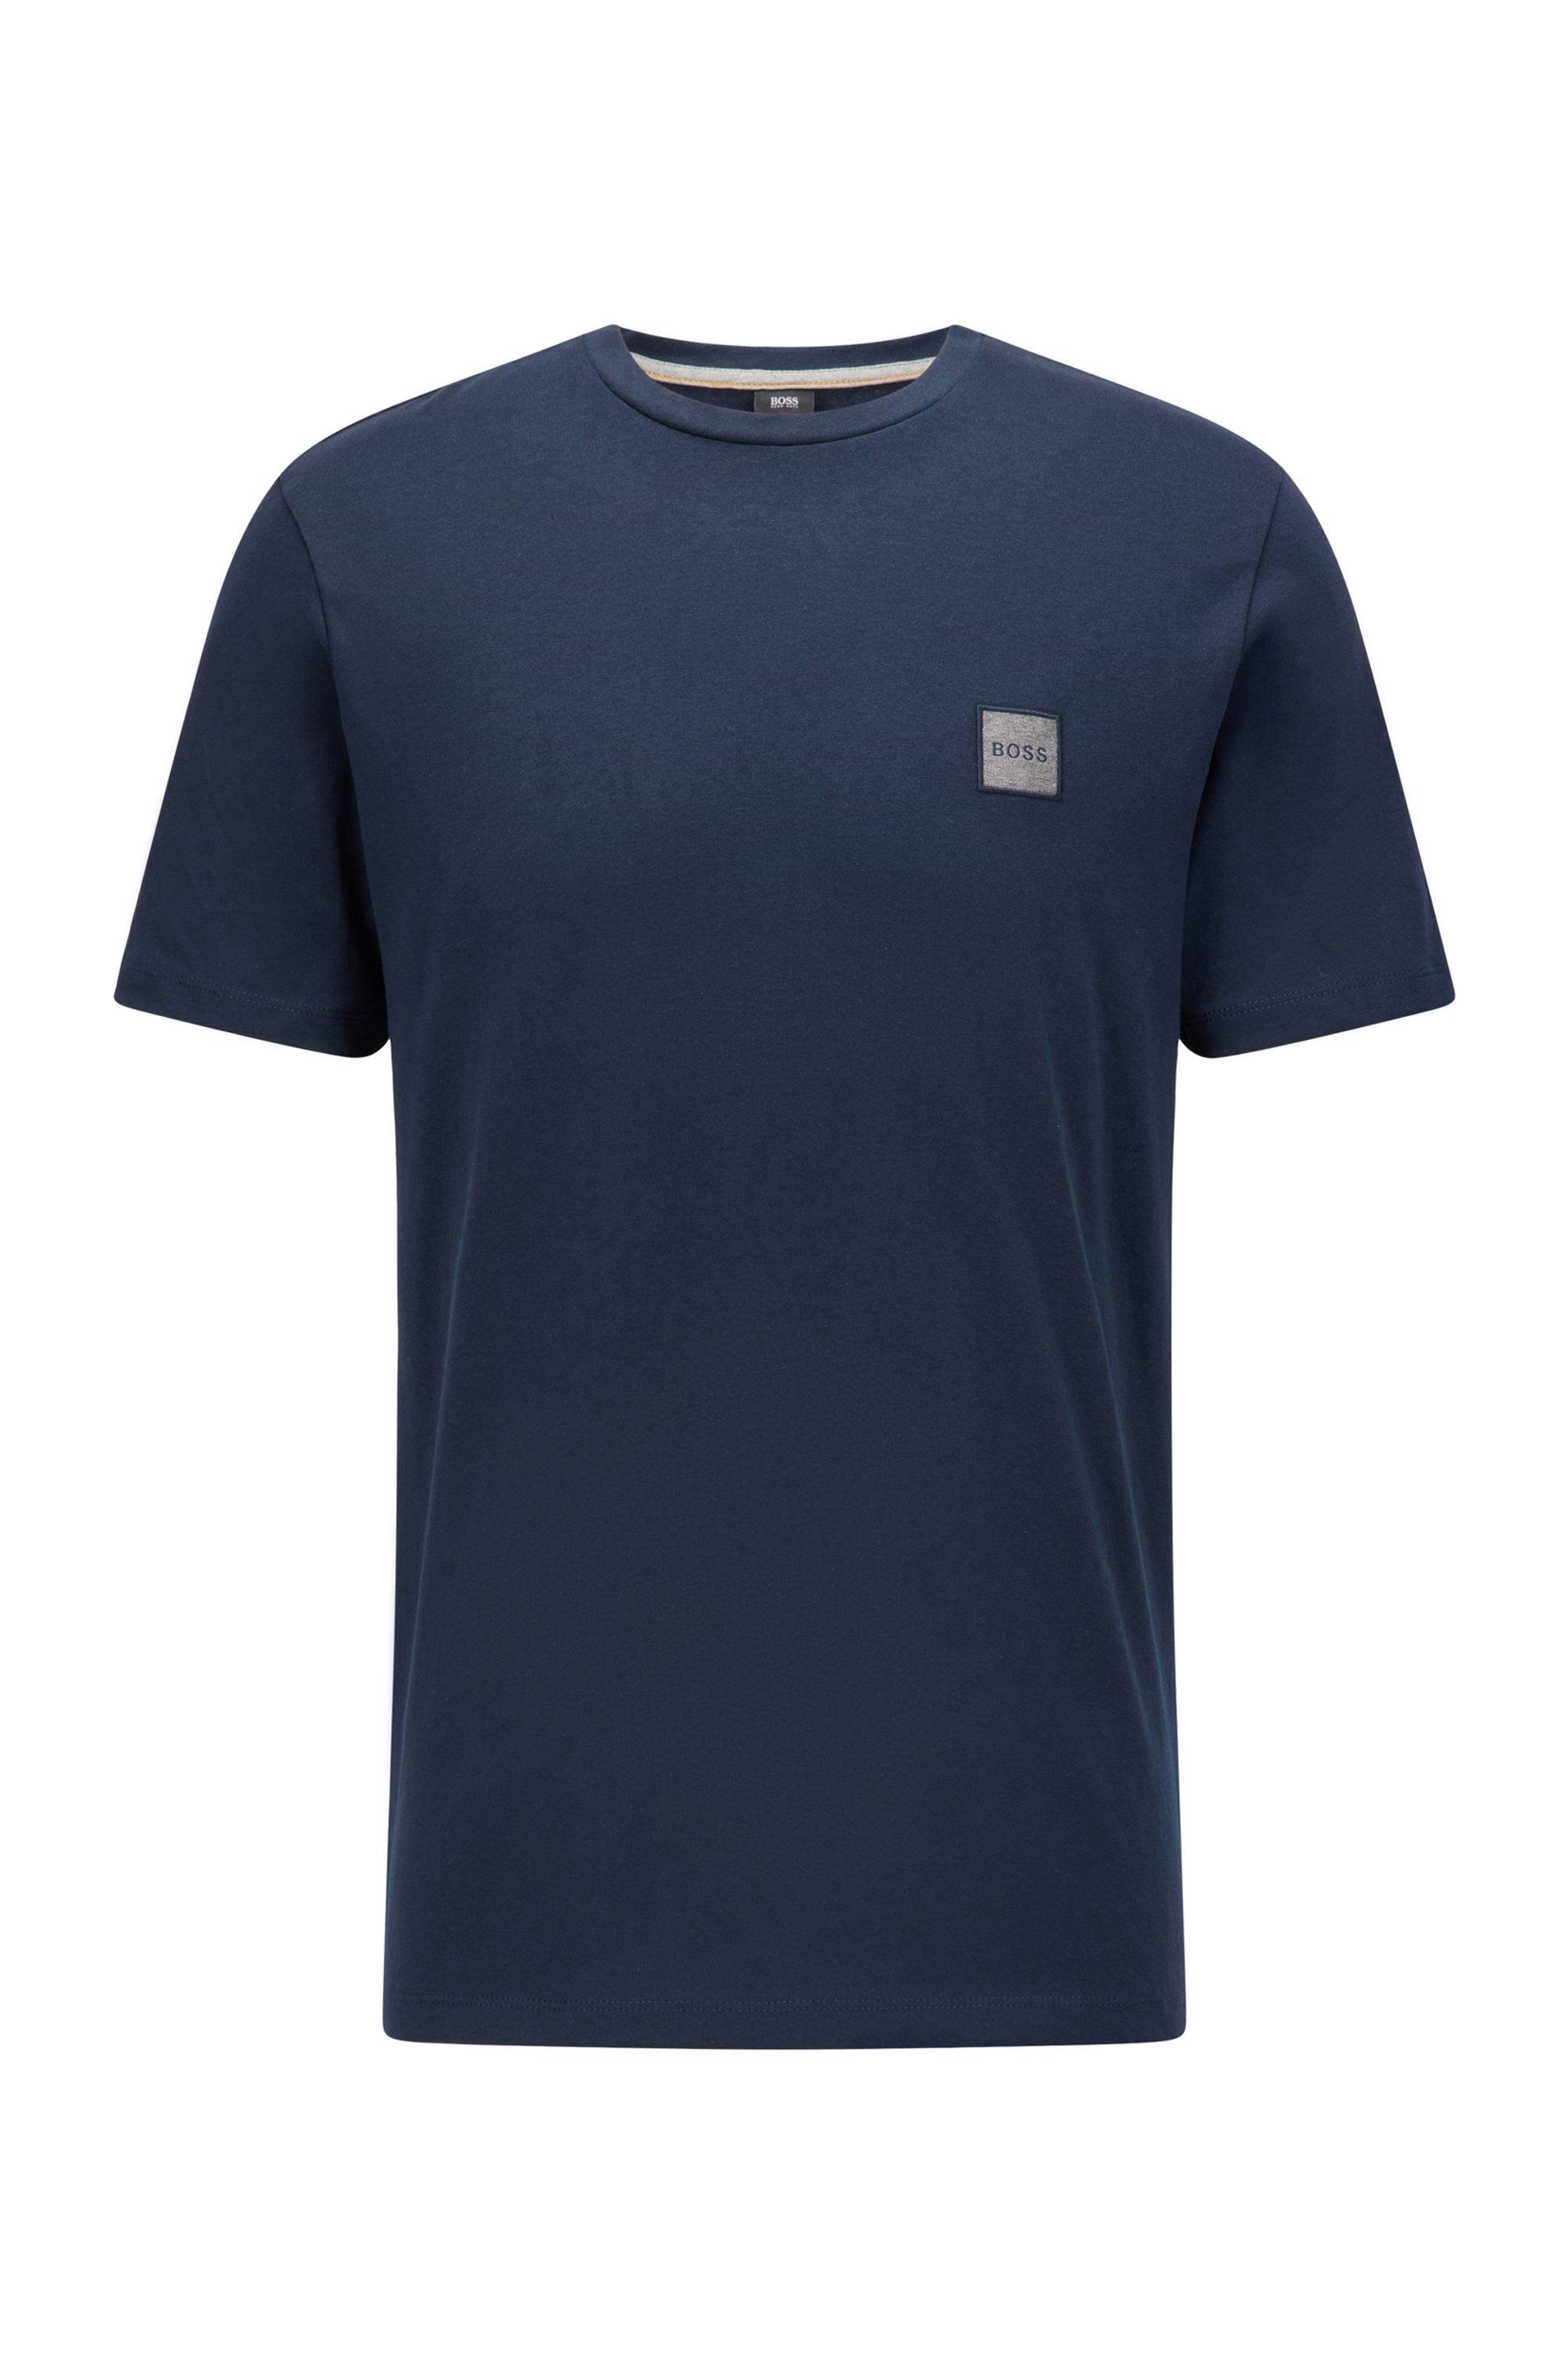 T-shirt a girocollo in cotone biologico con toppa con logo, Blu scuro